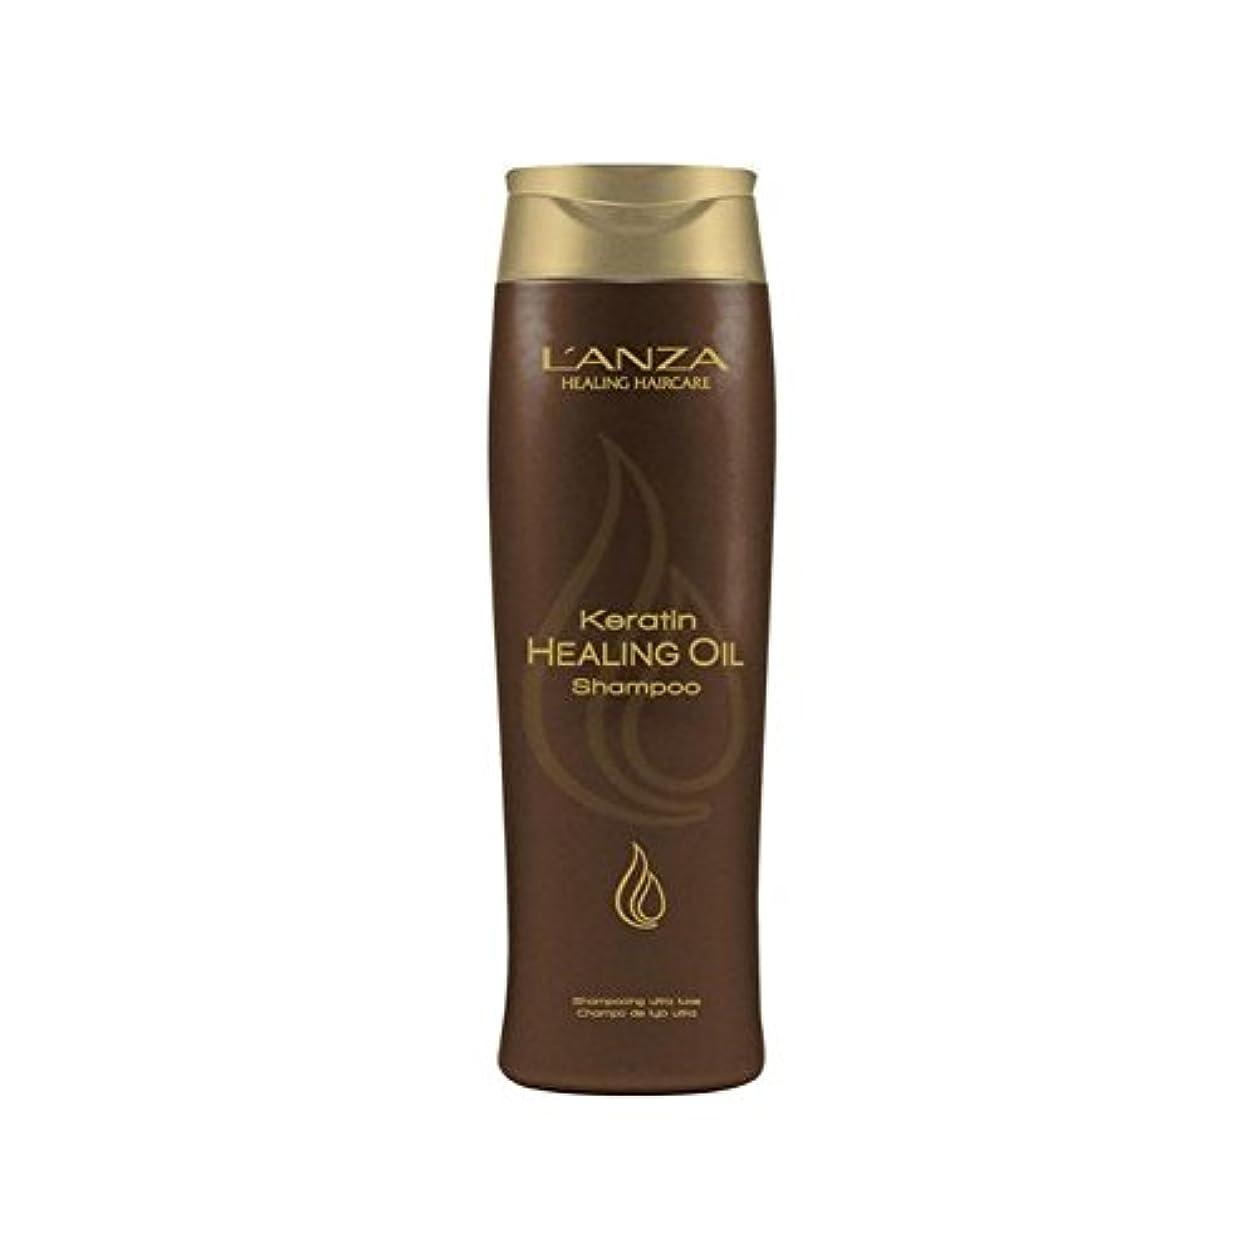 欺罹患率腹痛アンザケラチンオイルシャンプー(300ミリリットル)を癒し x4 - L'Anza Keratin Healing Oil Shampoo (300ml) (Pack of 4) [並行輸入品]